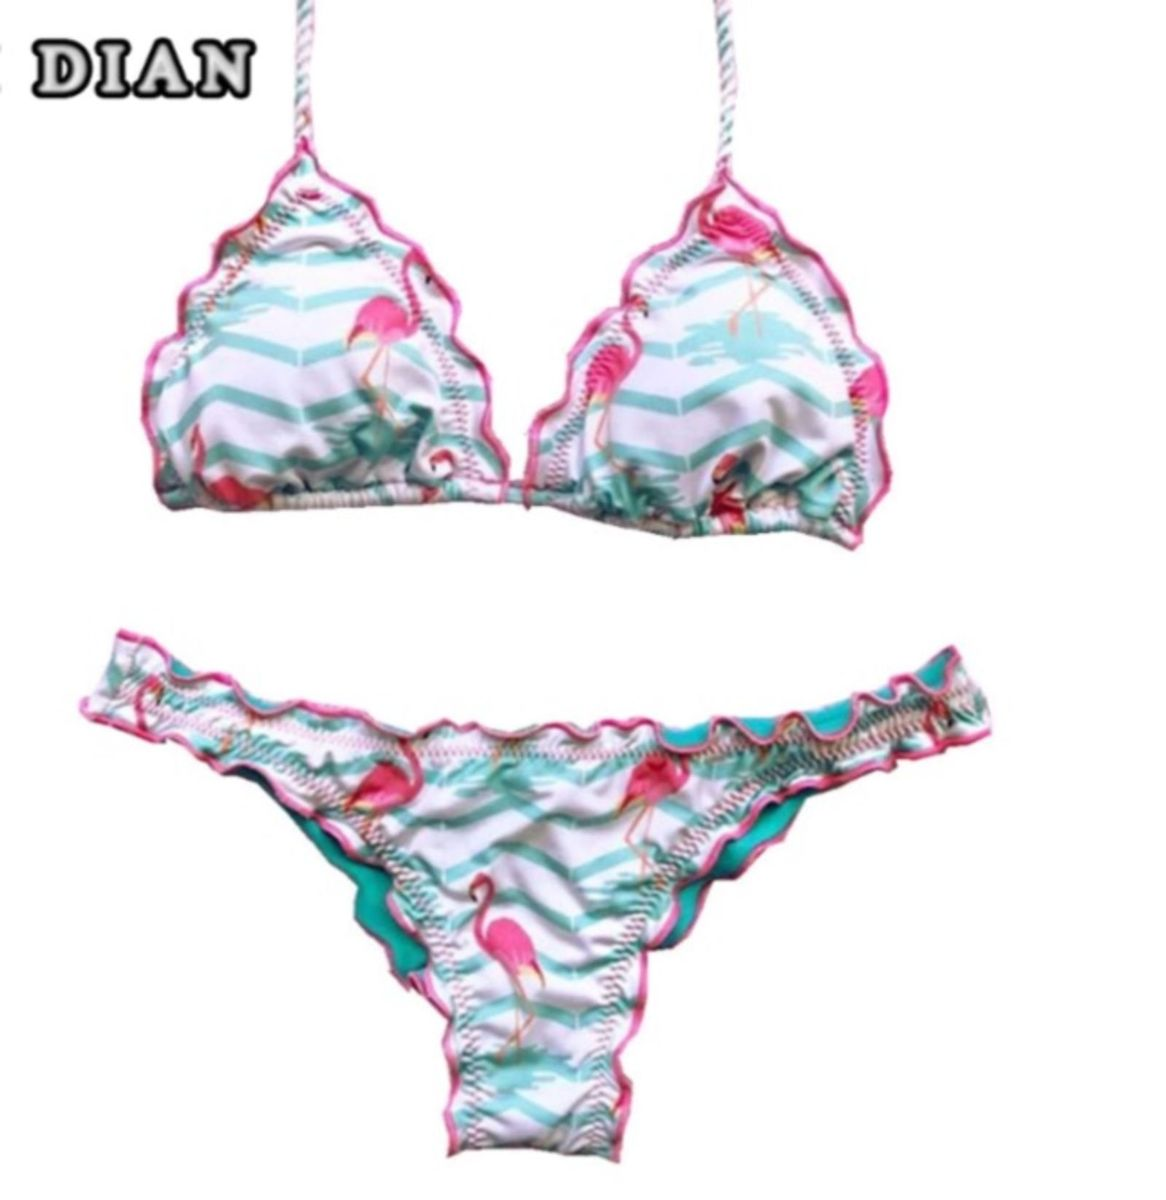 94d83a190 lindo biquíni candy ripple flamingo tamanho m com babados praia rosa e  branco - praia importado